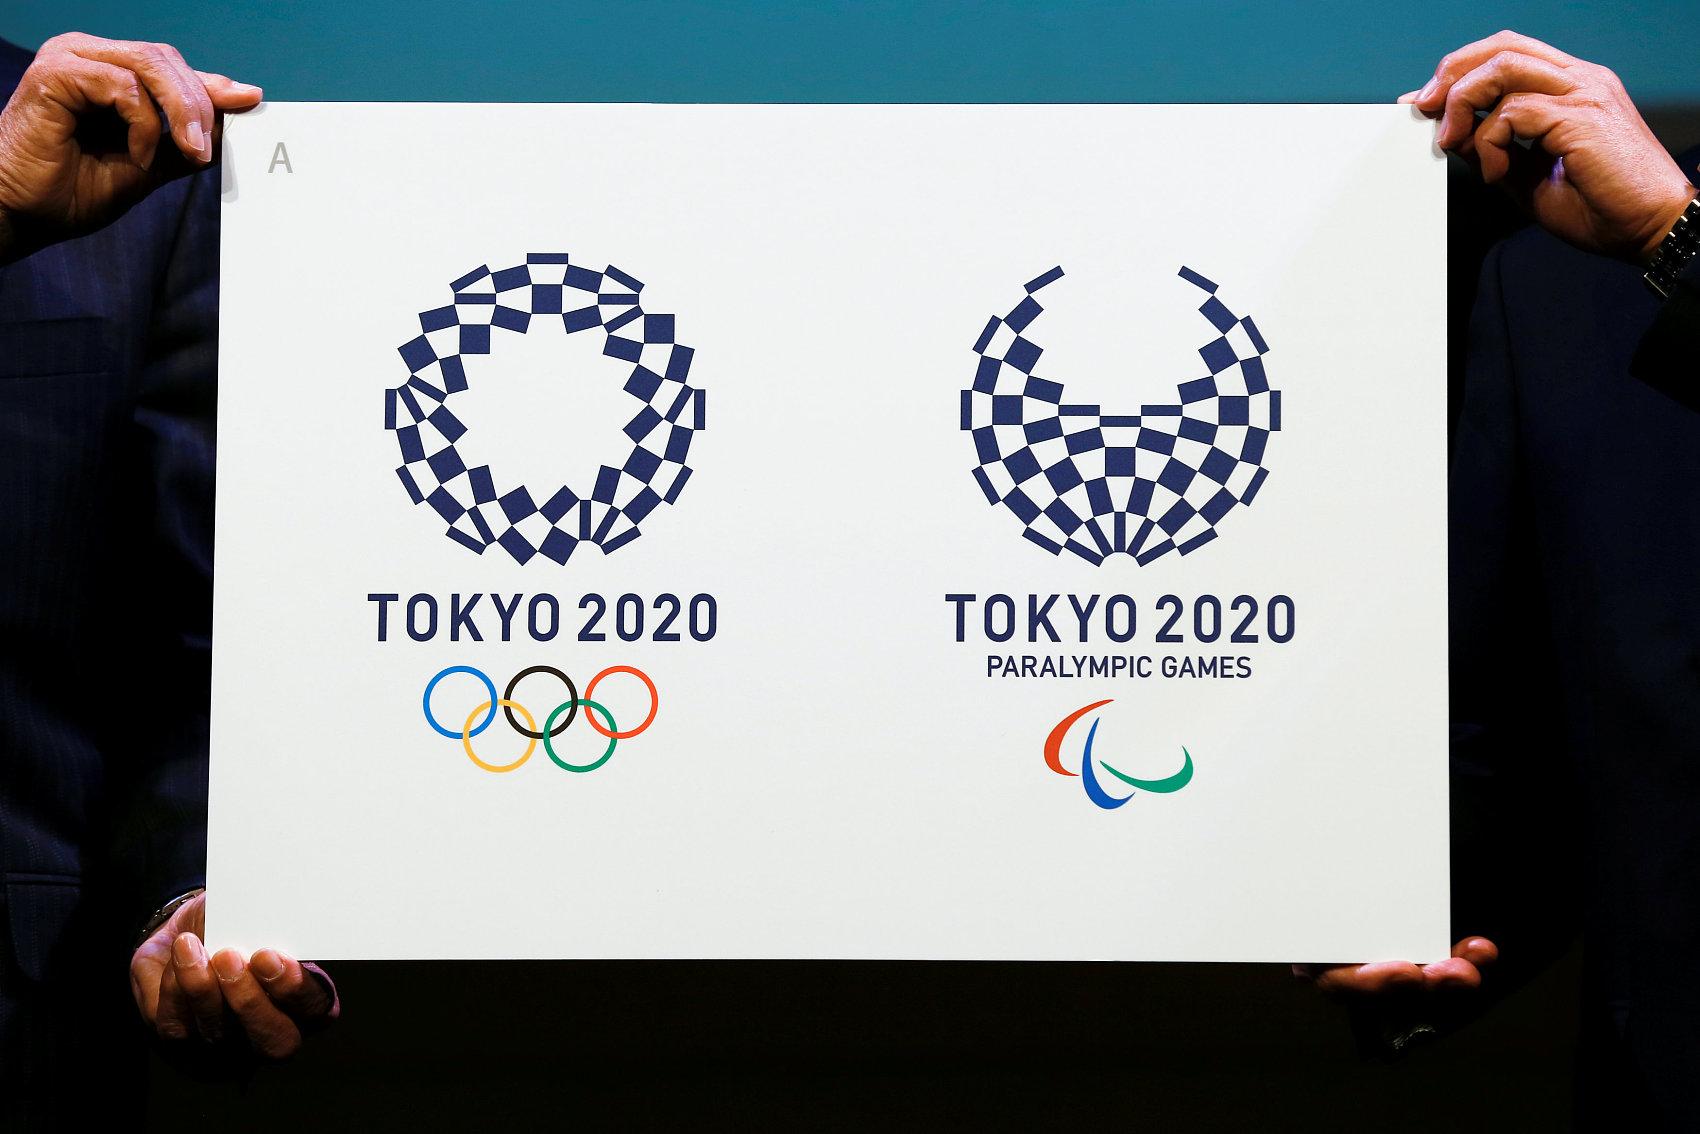 Tokyo 2020 organisers estimate Games postponement cost $1.9b: media